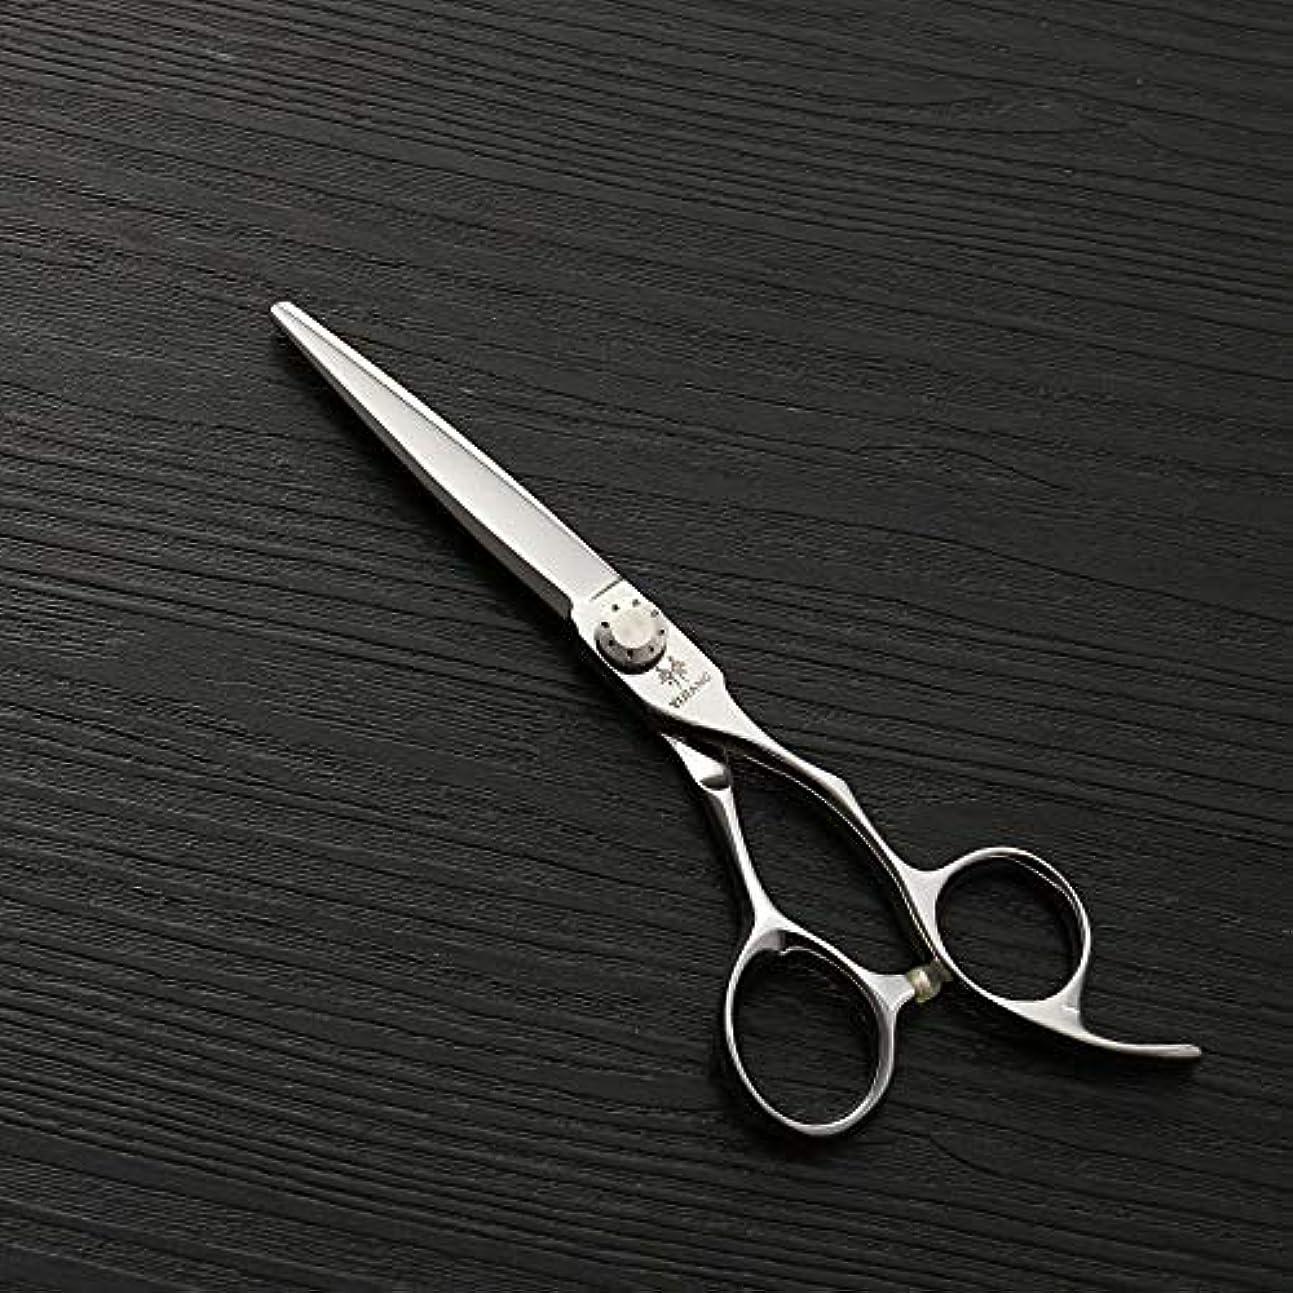 書士エイリアン見物人理髪用はさみ 6インチ美容院プロフェッショナルステンレス鋼理髪ツール、440 c新しいスタイルフラットシアーヘアカット鋏ステンレス理容鋏 (色 : Silver)